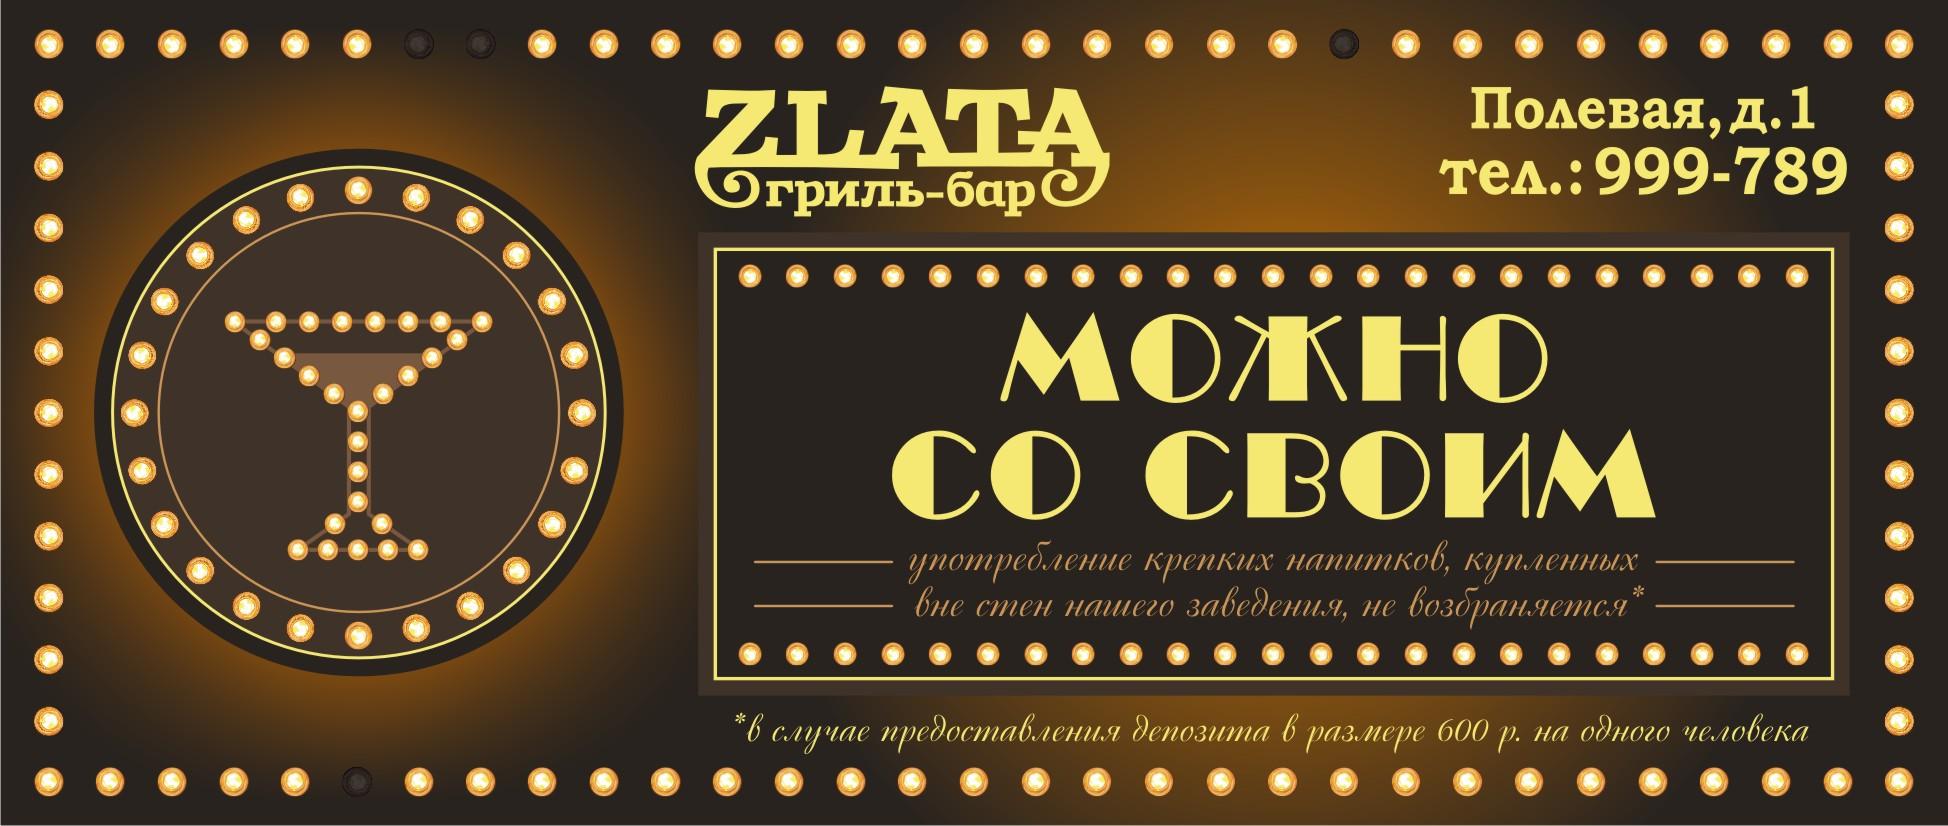 Приглашаем посетить наш гриль-бар ZLATA